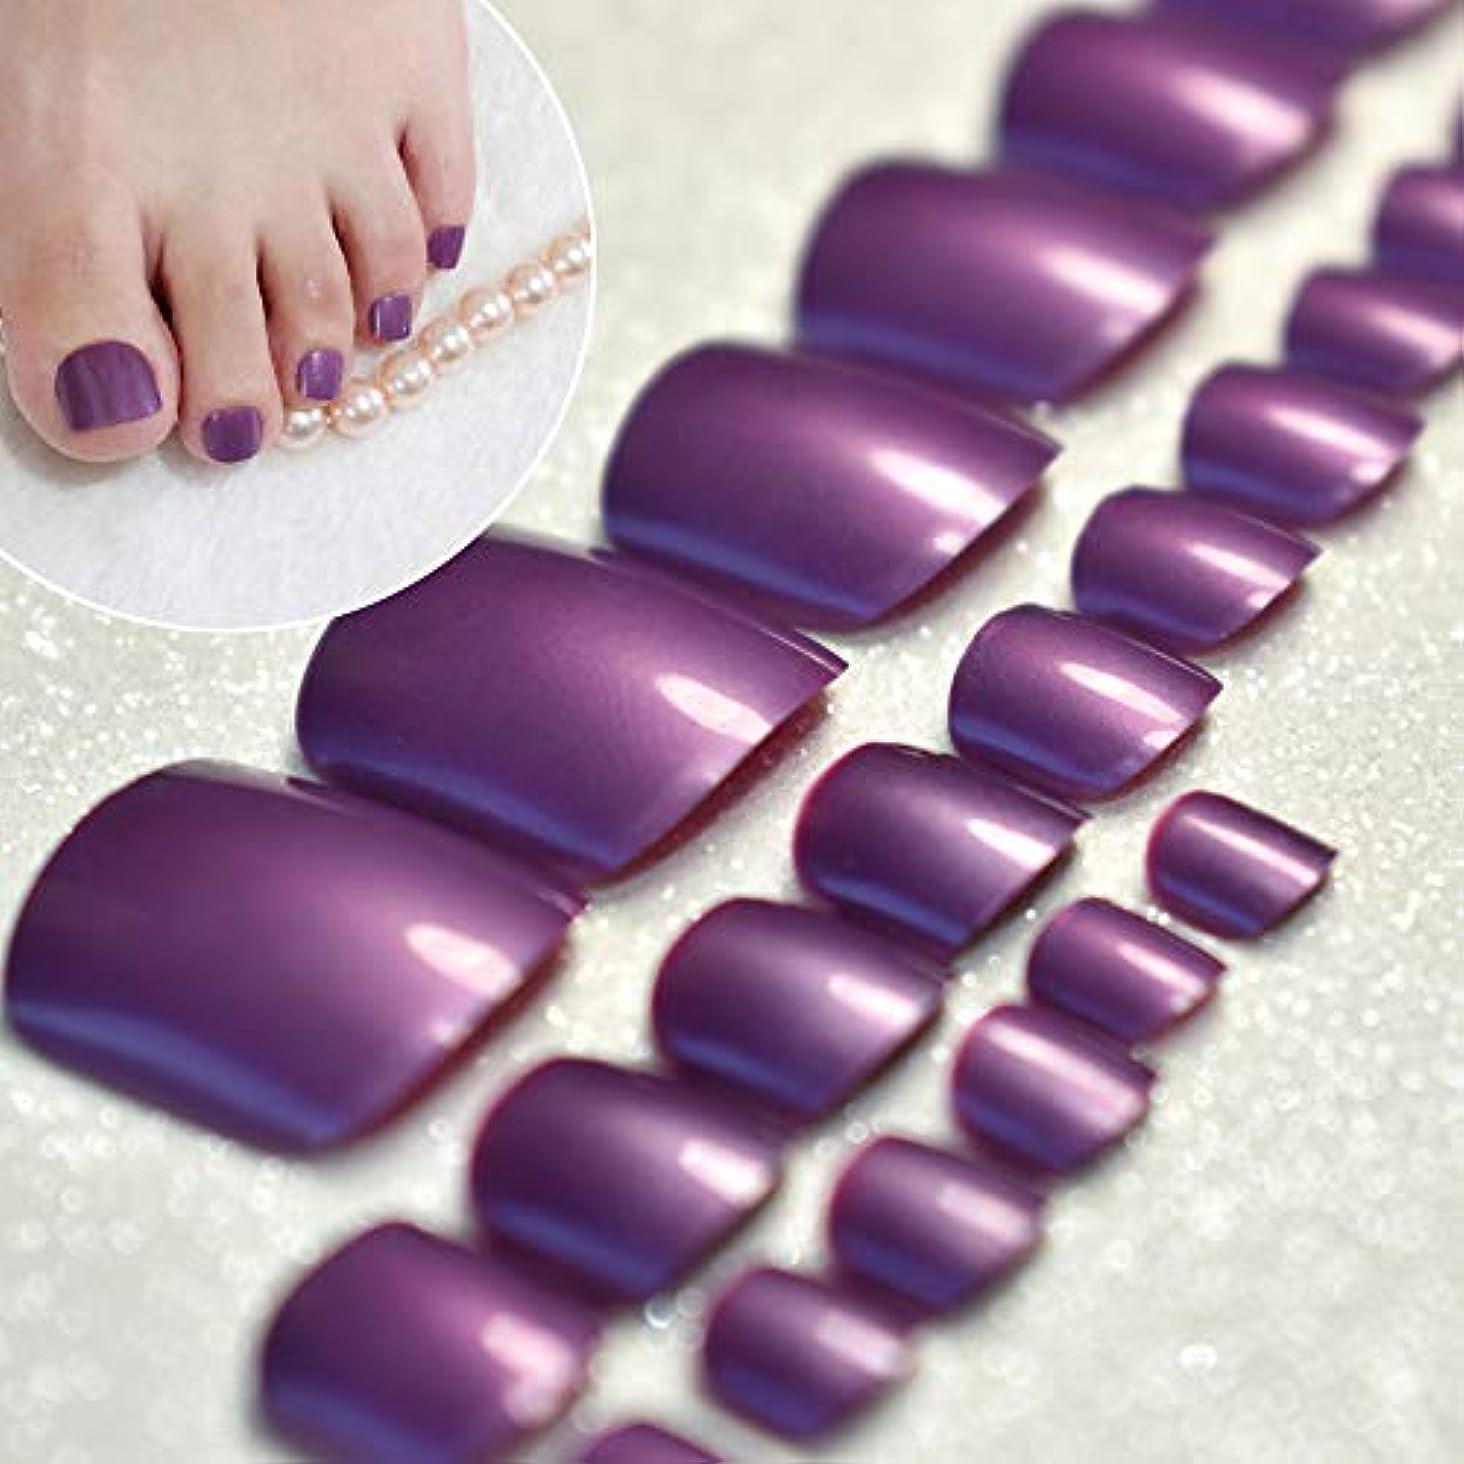 横備品場合XUTXZKA 足の爪のためのきらめく光沢のあるグレープパープルネイルのヒント足のためのお菓子祭りの偽の足指24本